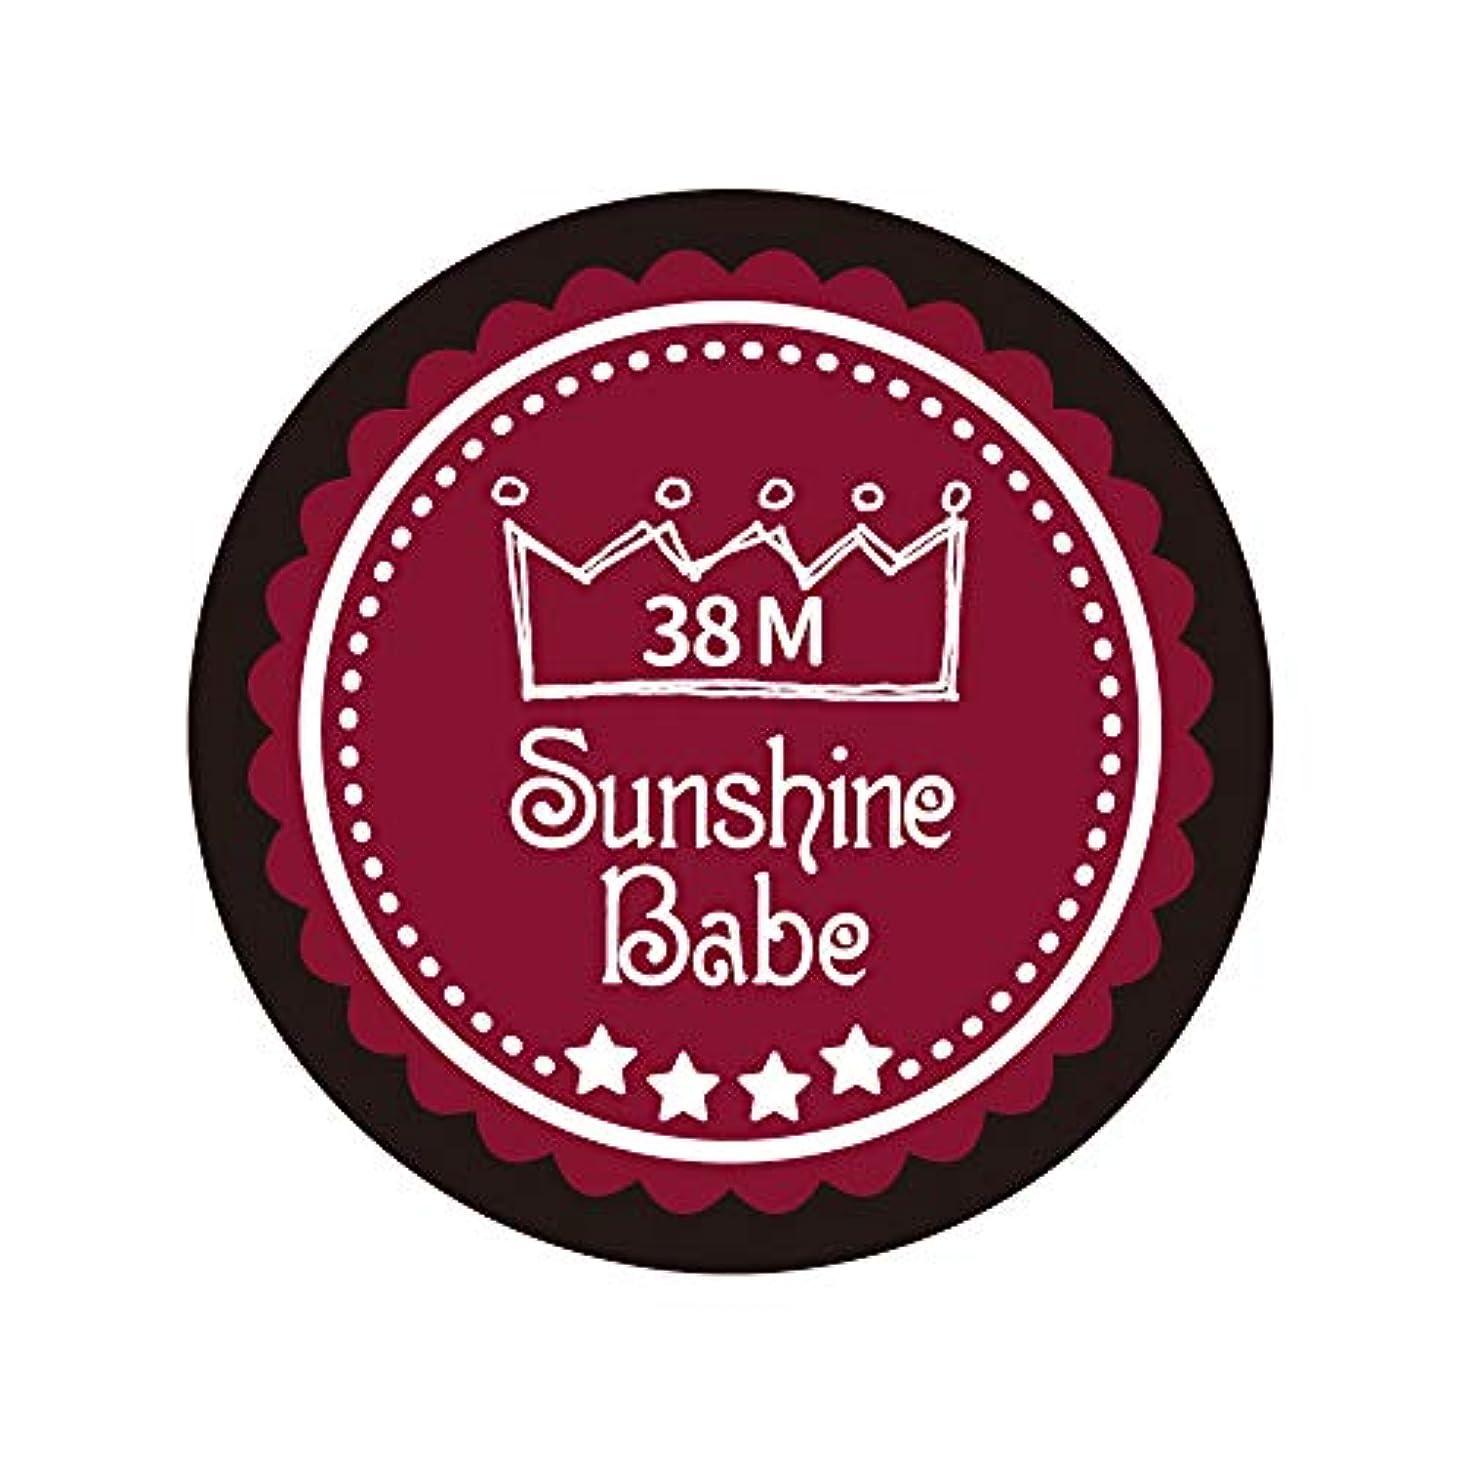 ありふれた回転するについてSunshine Babe カラージェル 38M レッドペア 2.7g UV/LED対応